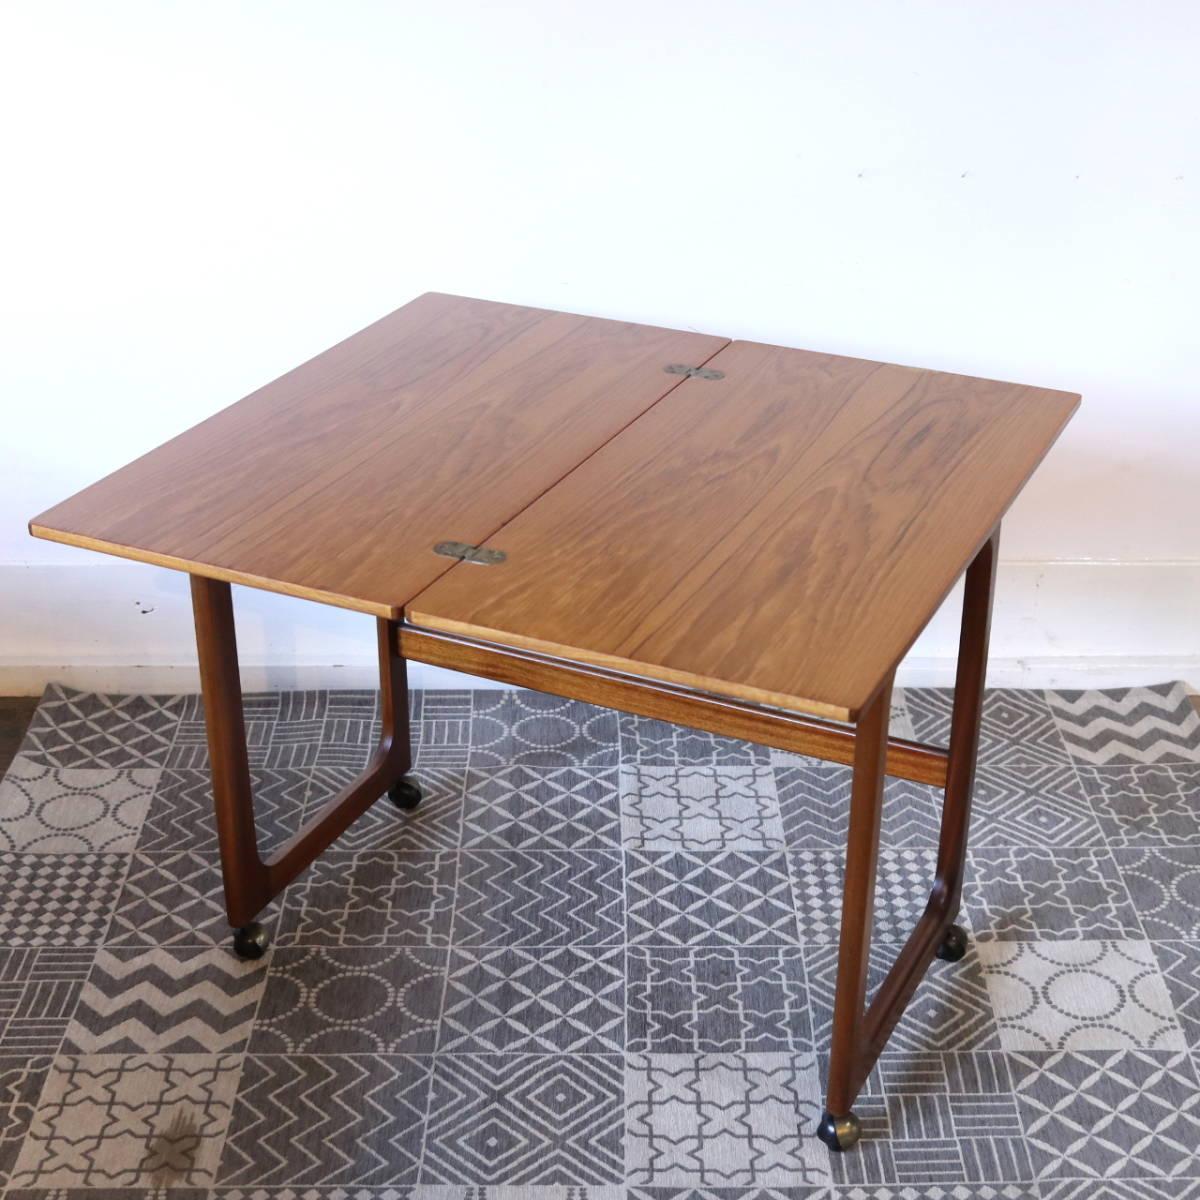 【天板剥離・再塗装メンテ済】イギリス McINTOSH社製 ビンテージ ネストテーブル/ERCOL G-PLAN アンティーク コーヒーテーブル 北欧_画像9